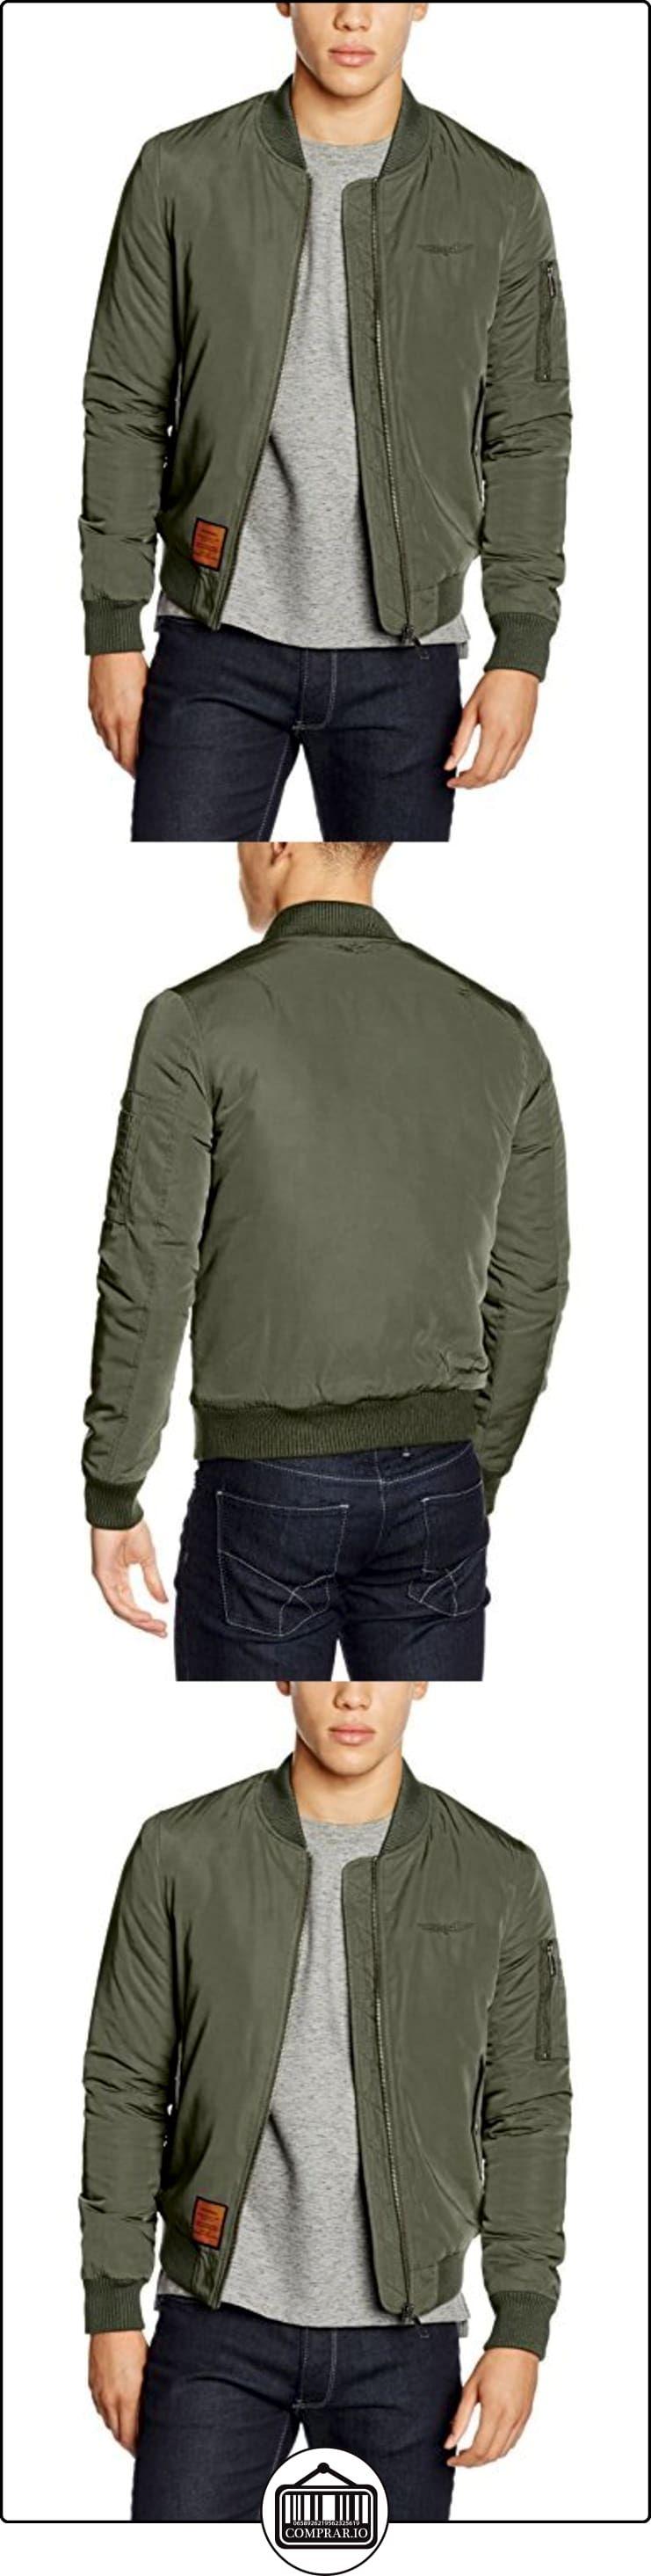 Mujeres Casual chaquetas Blazer negocios traje un botón